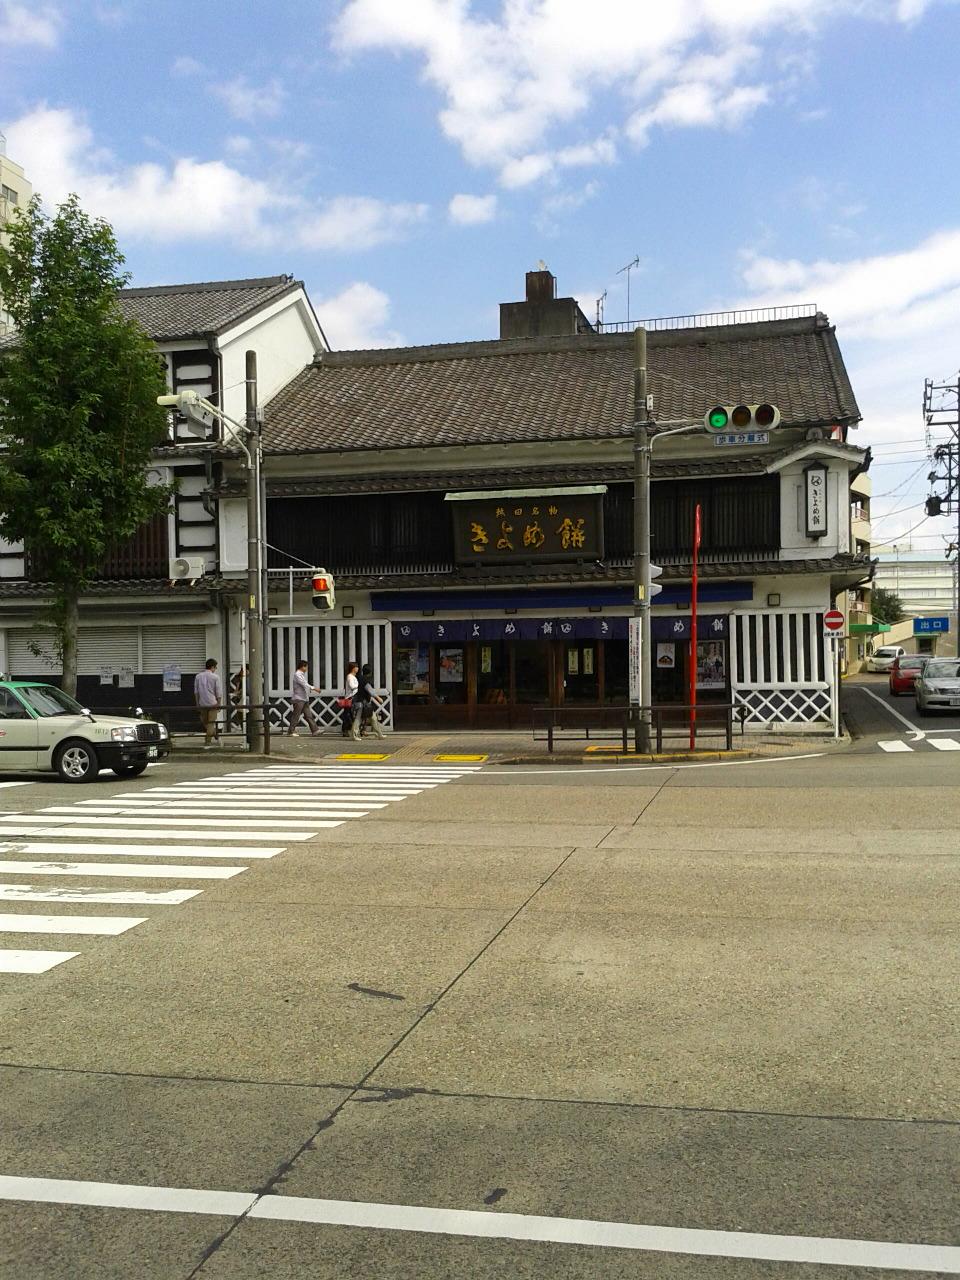 『名古屋』2016.10(その6)に行きました。  「熱田神宮」近くにある饅頭屋…  餅屋?  建物に味がある。